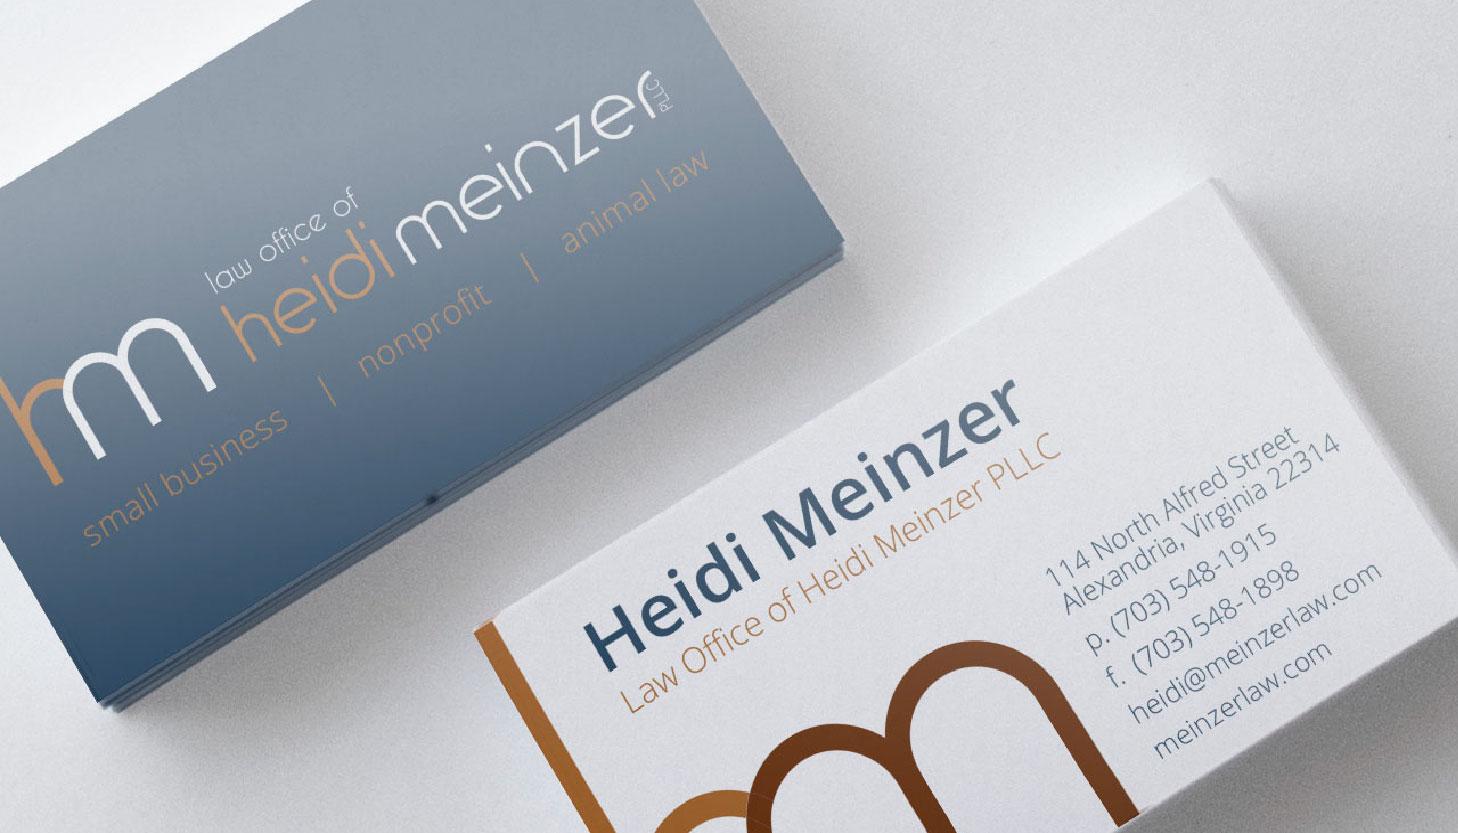 Heidi Meinzer, PLLC | Print Design | Luke Sillies Design